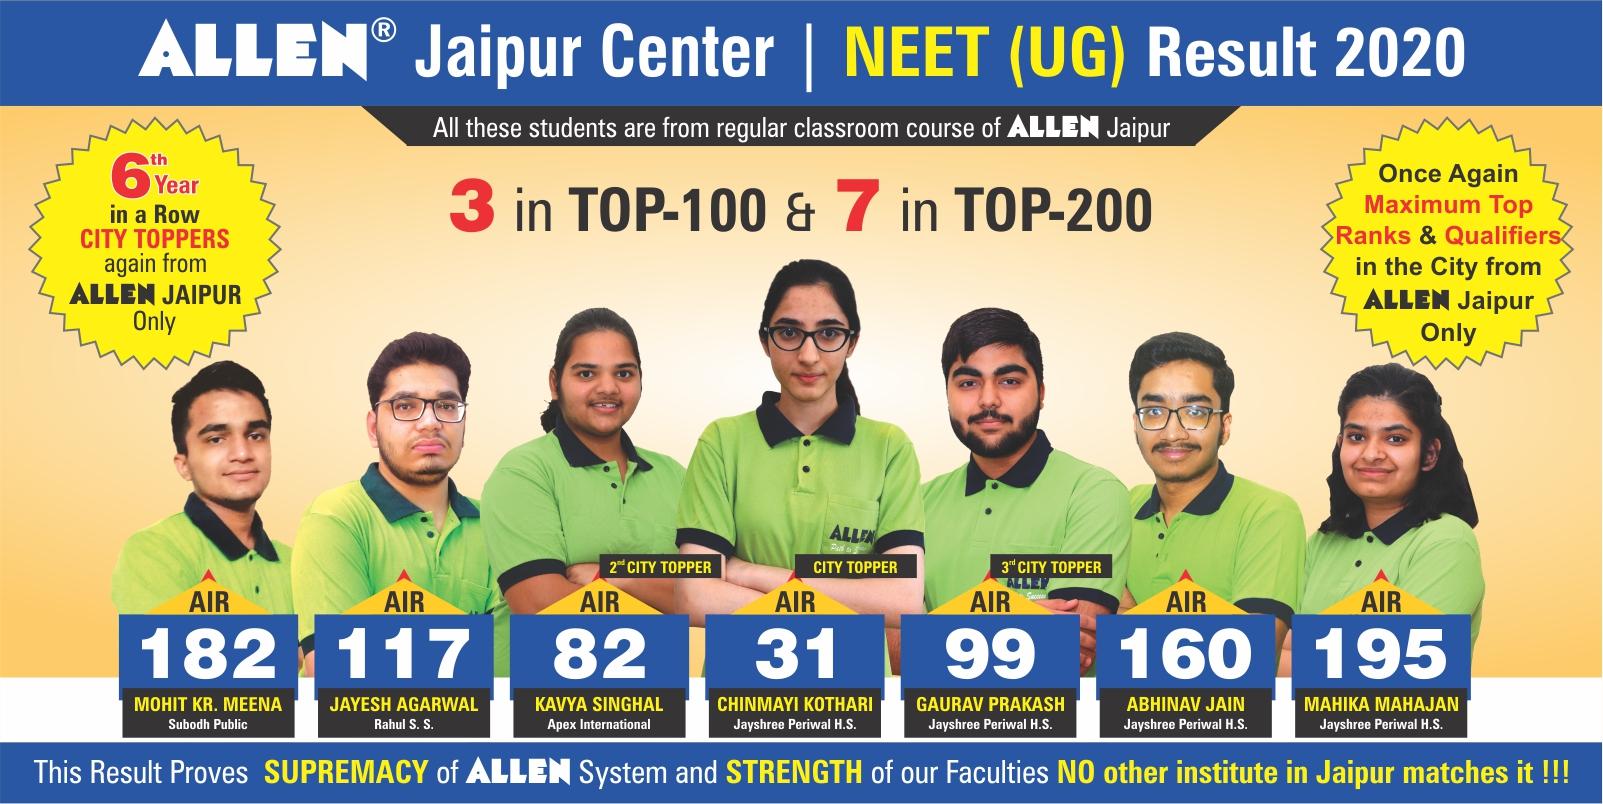 NEET-UG 2020 Result_17Oct